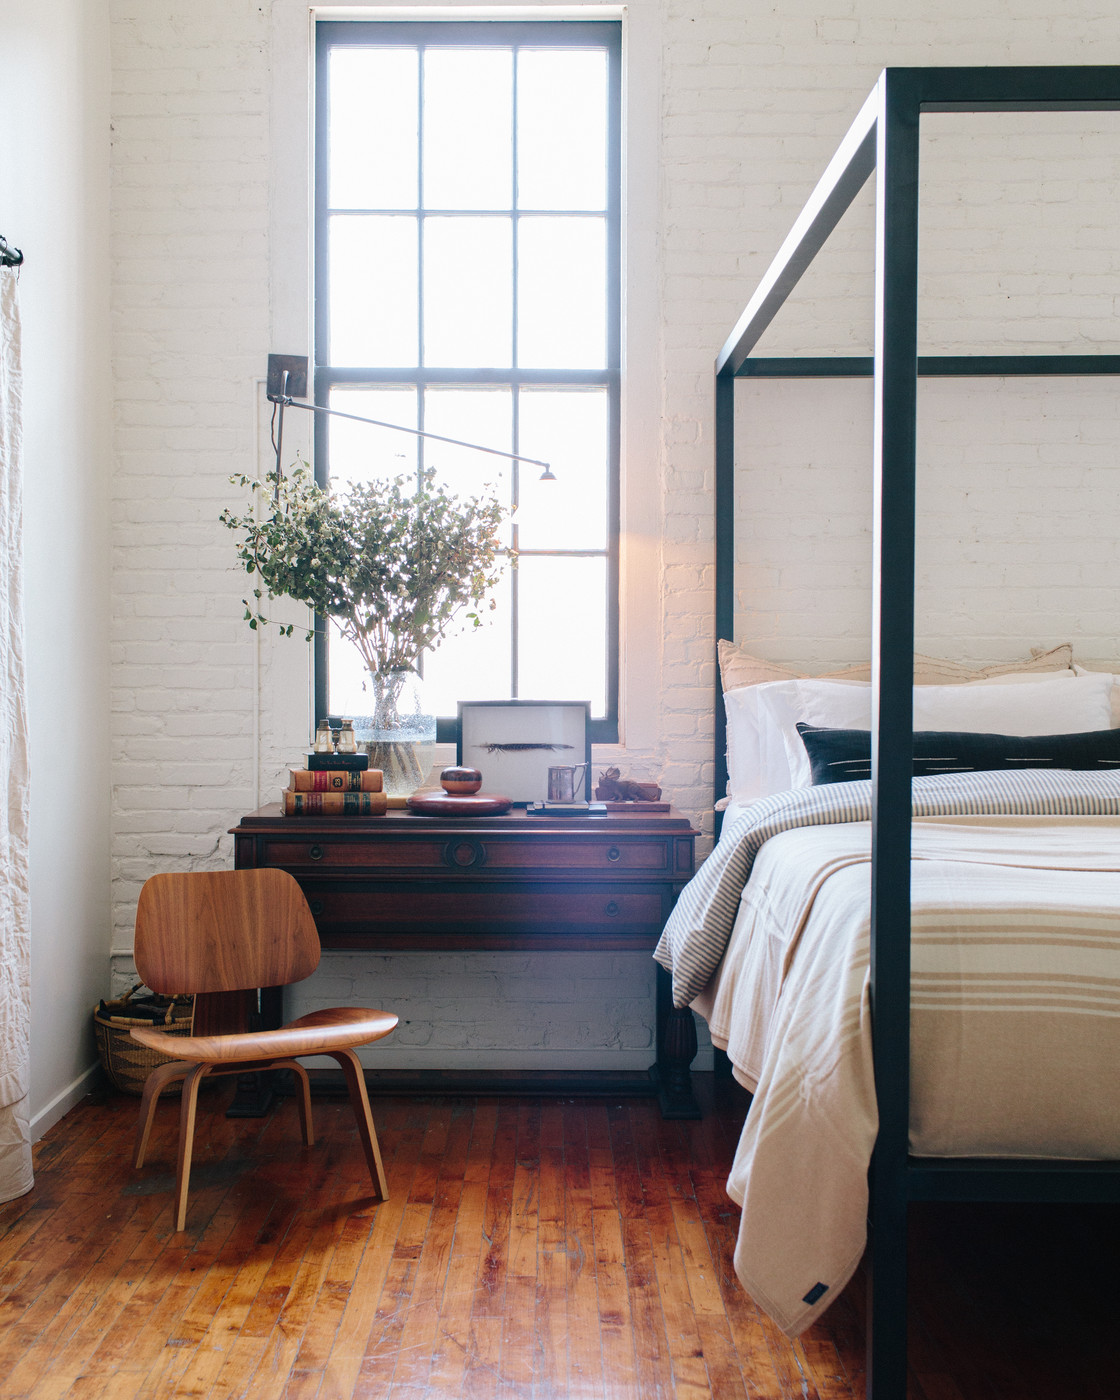 Herman miller plywood lounge chair - Herman Miller Plywood Lounge Chair 30